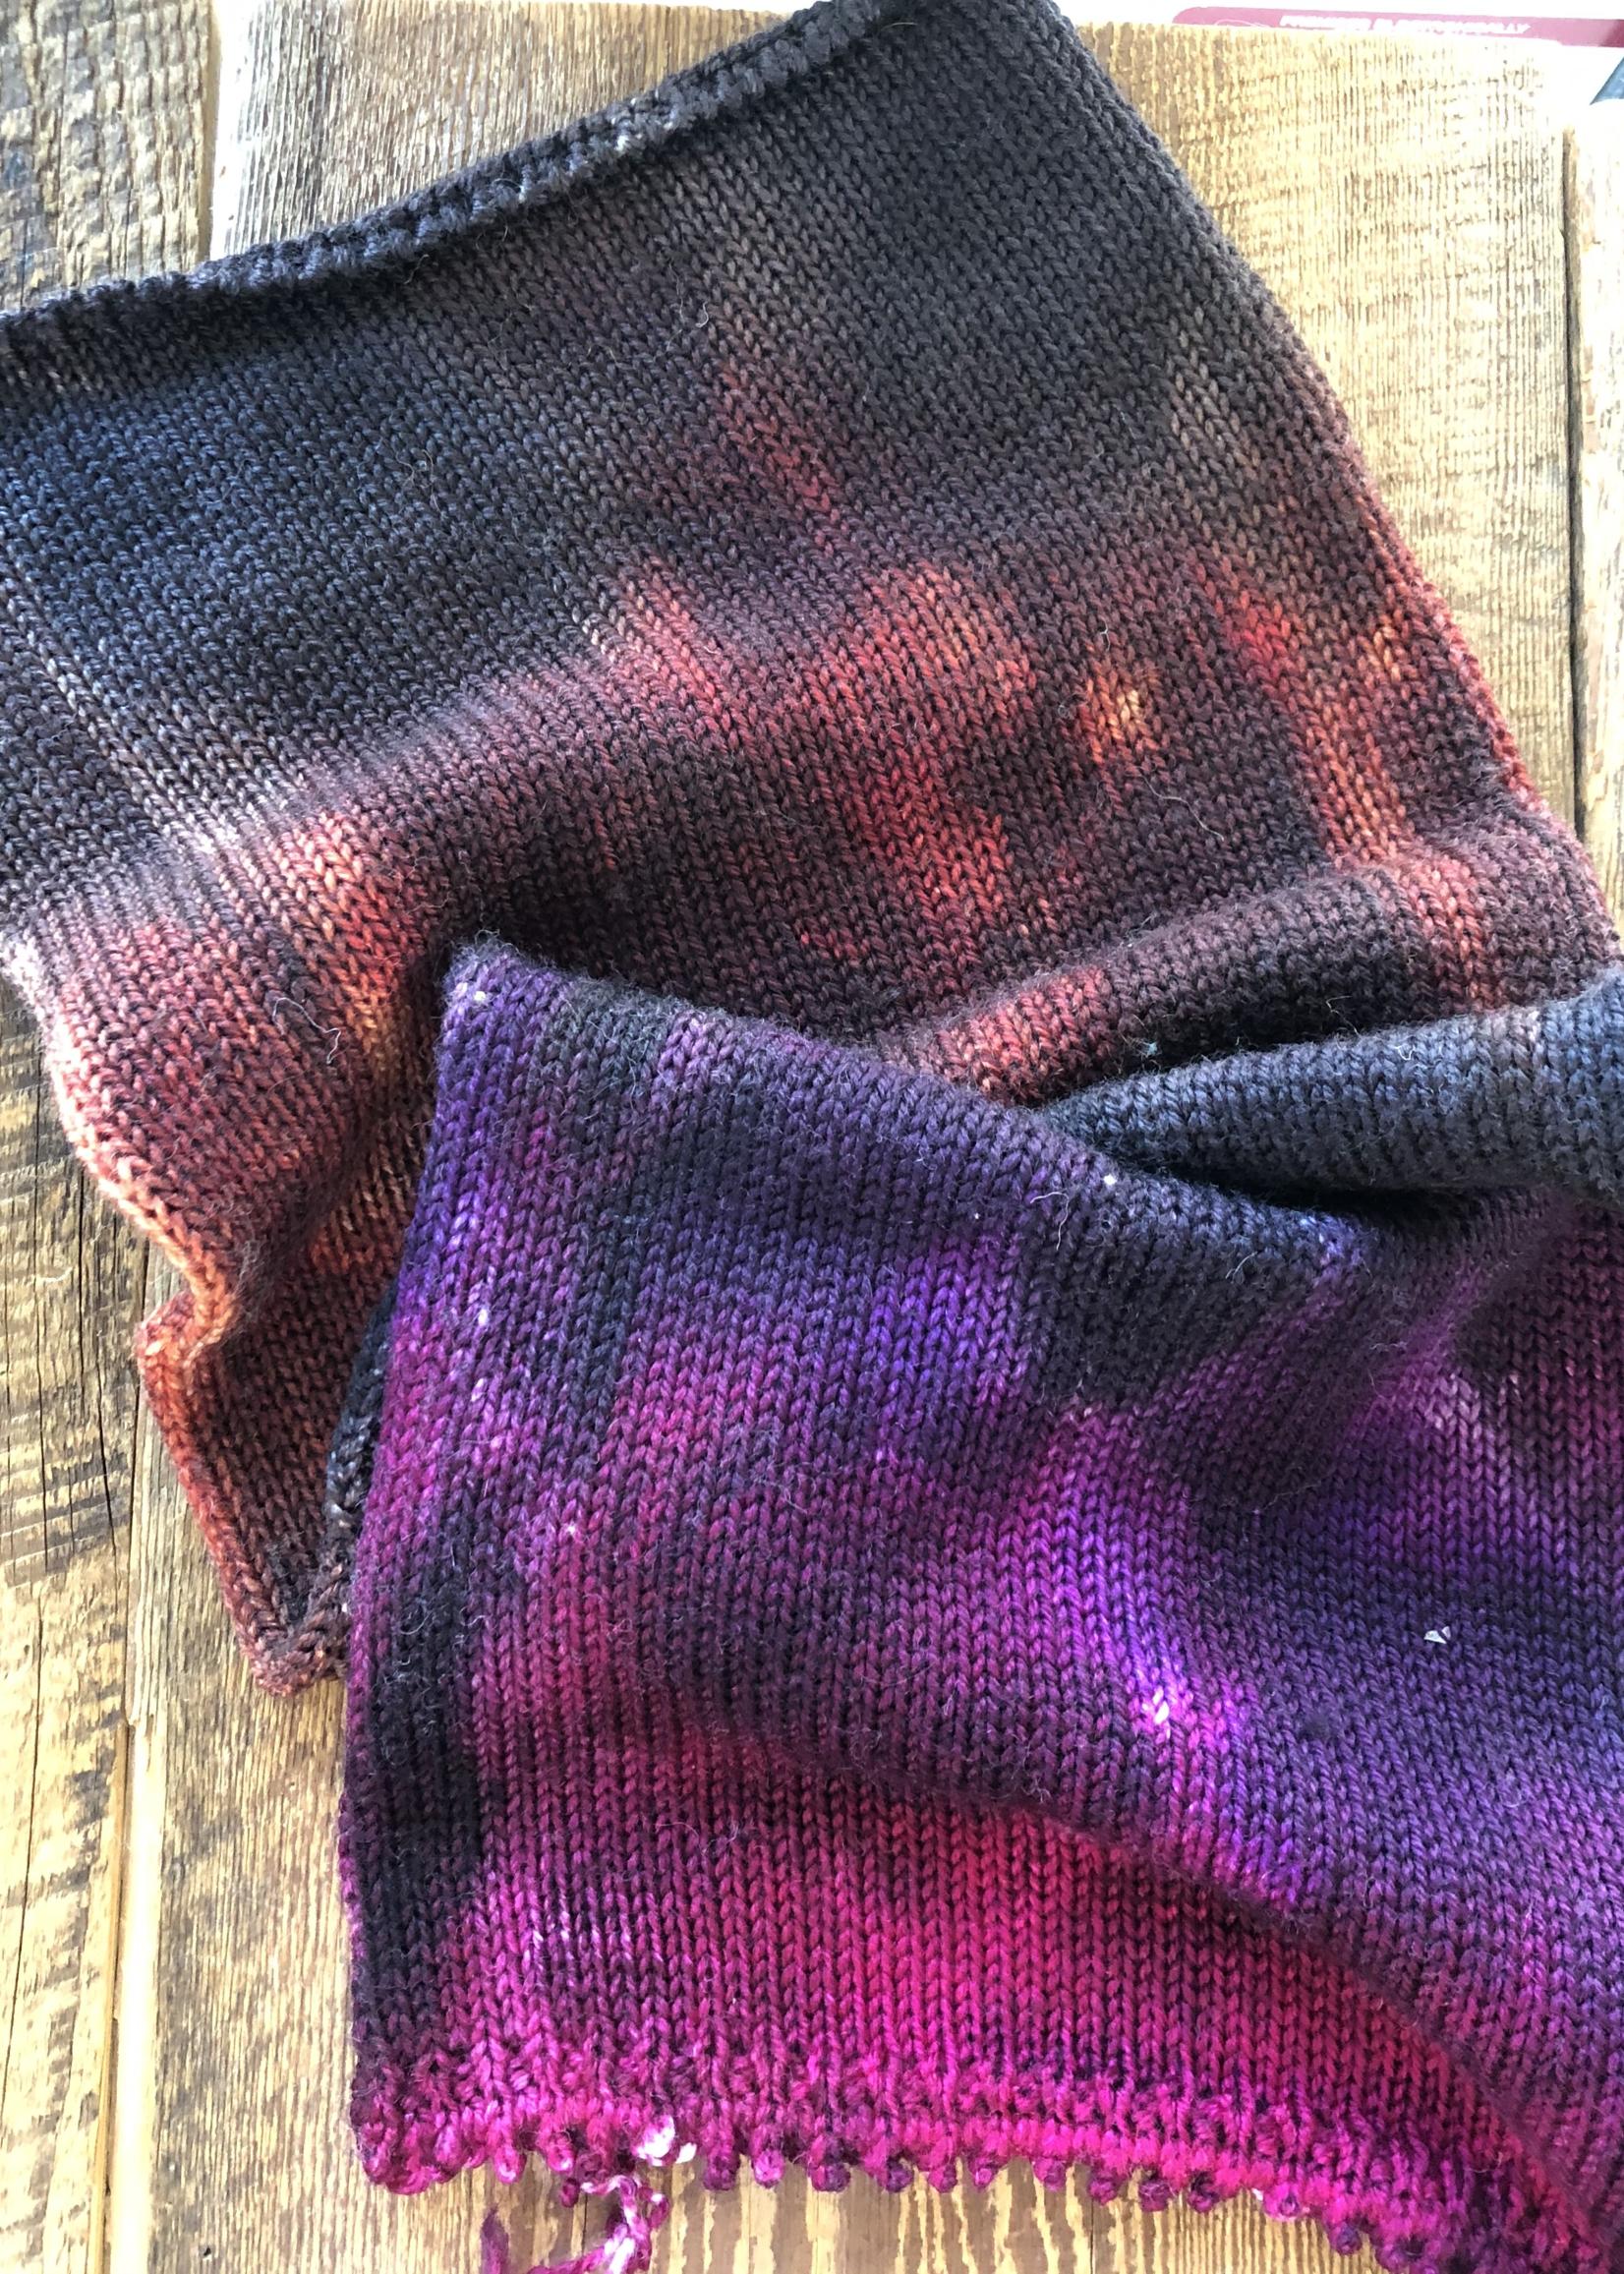 Essence of Autumn Sock, Prairie Sock Blank, 1 Sock/Fingering